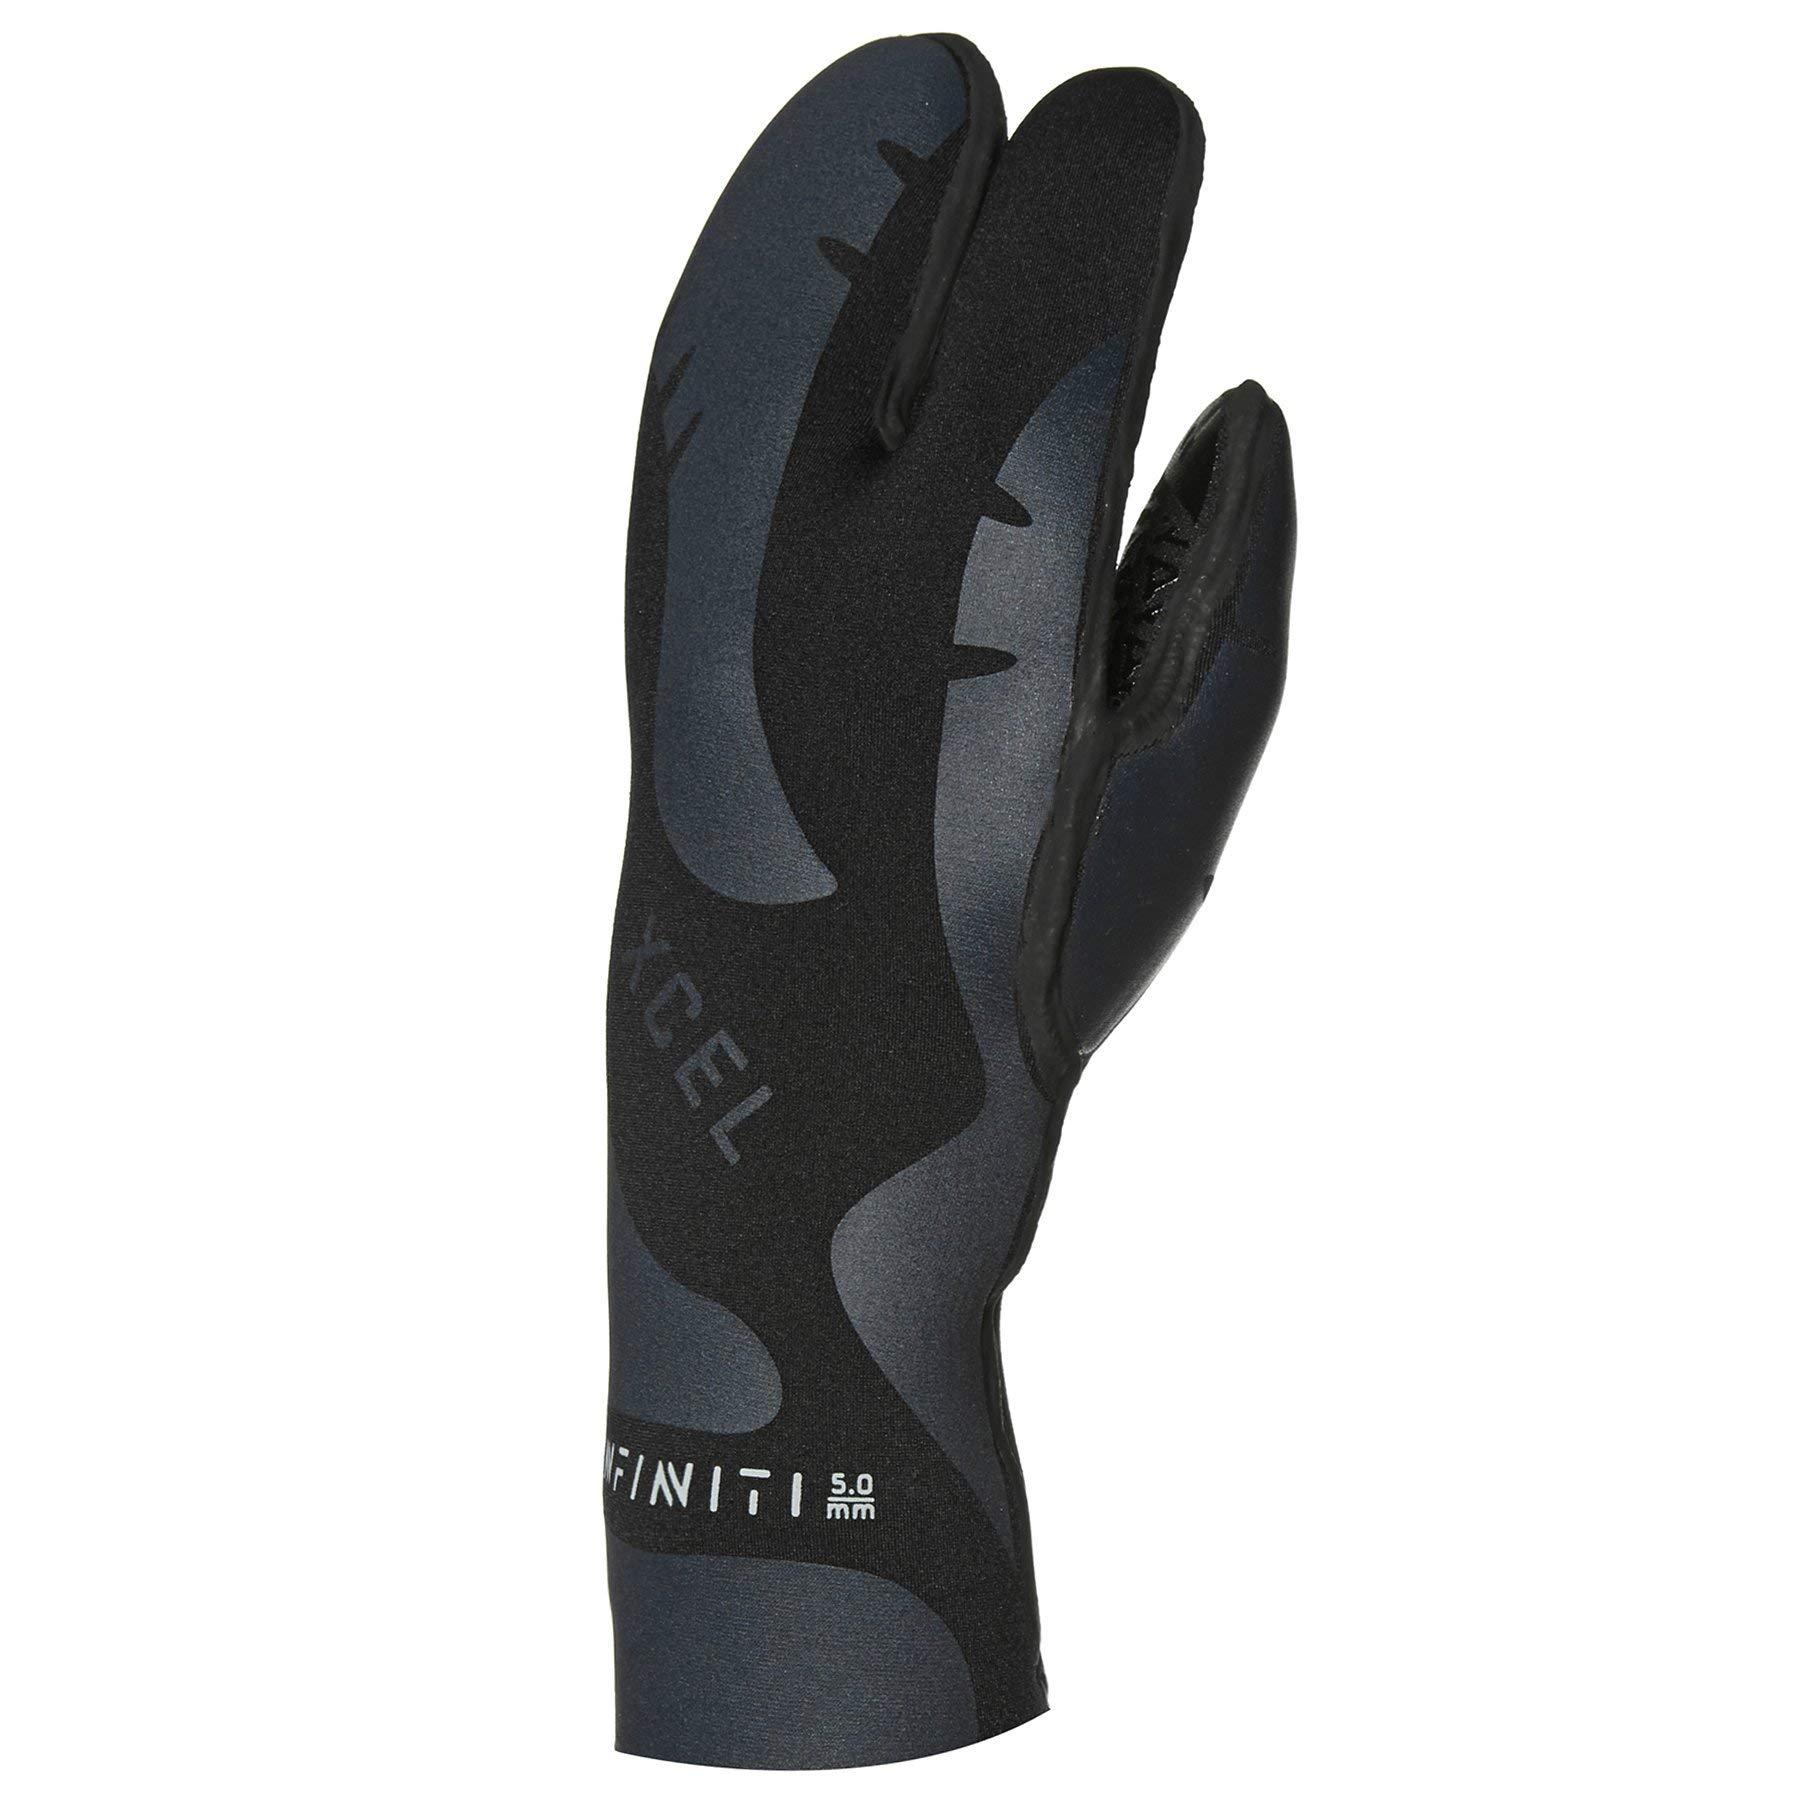 Xcel 5mm Inf 3 Finger Glv Wetsuit Gloves XL Black